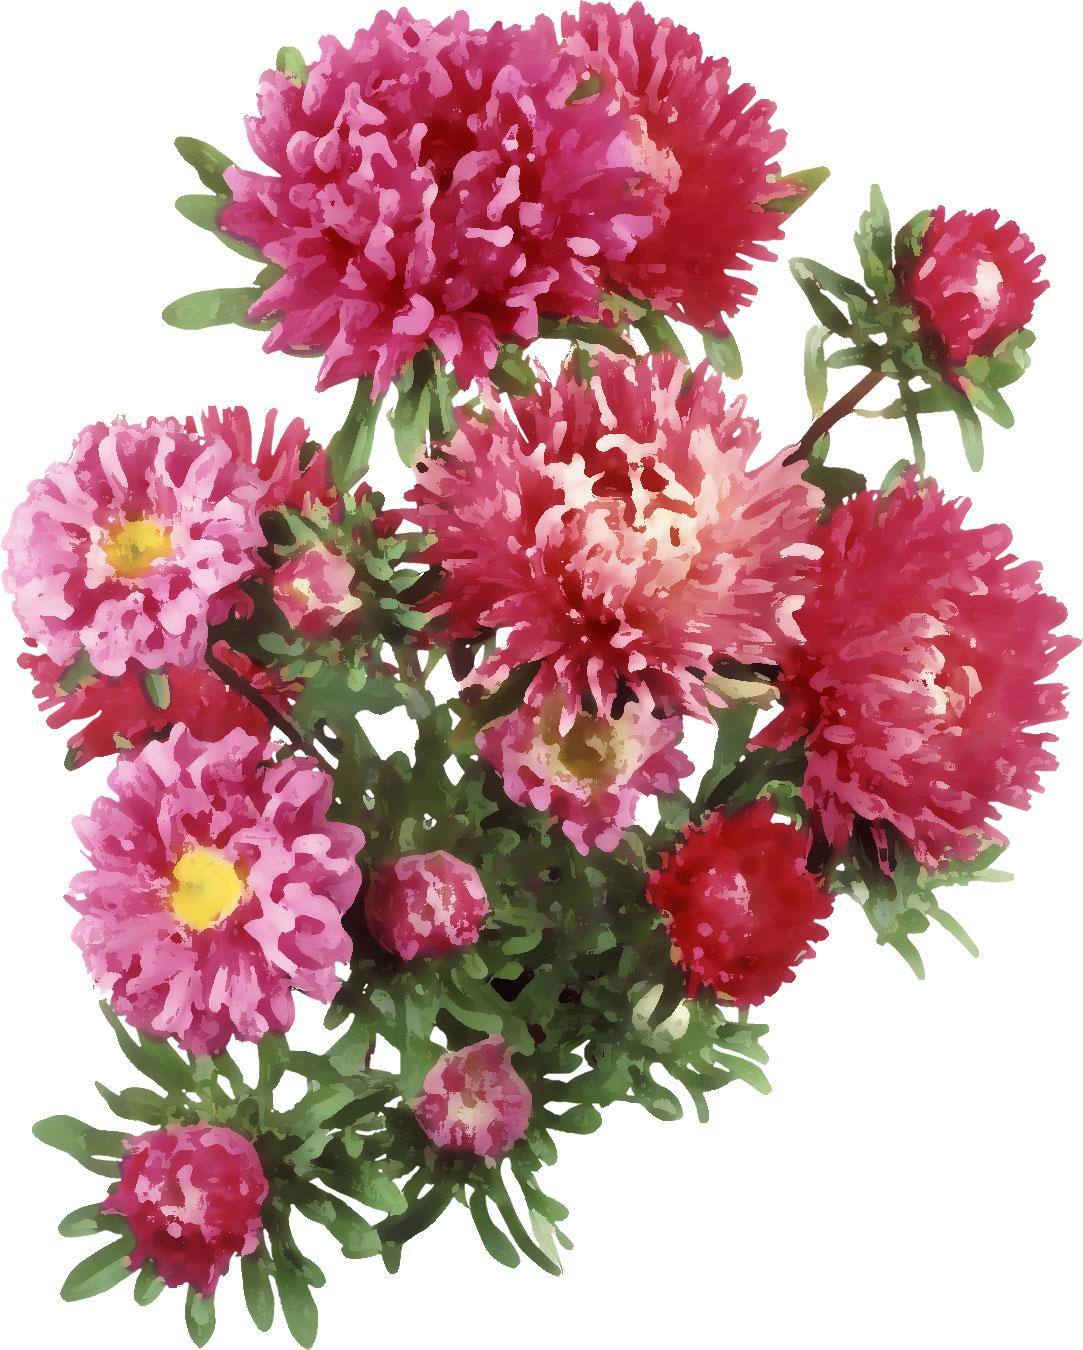 Переливающаяся красота клумбы непрерывного цветения